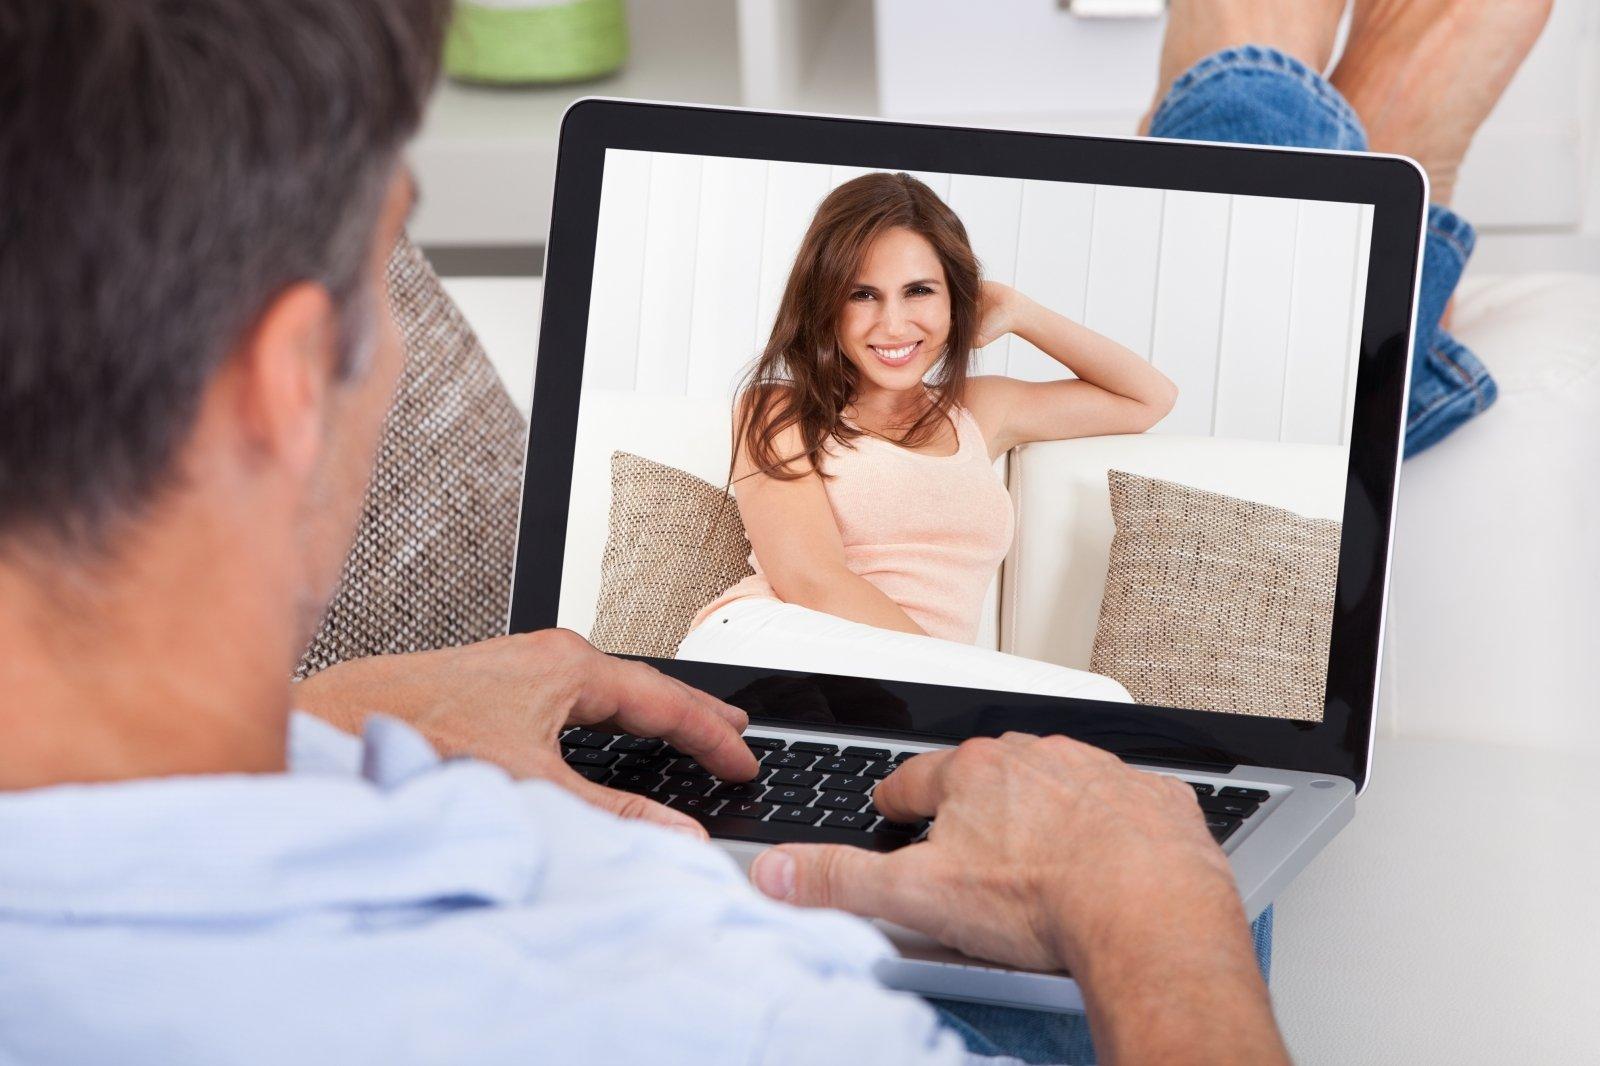 geros internetinės pažinčių vardo kūrimas pažinčių svetainė norvegija